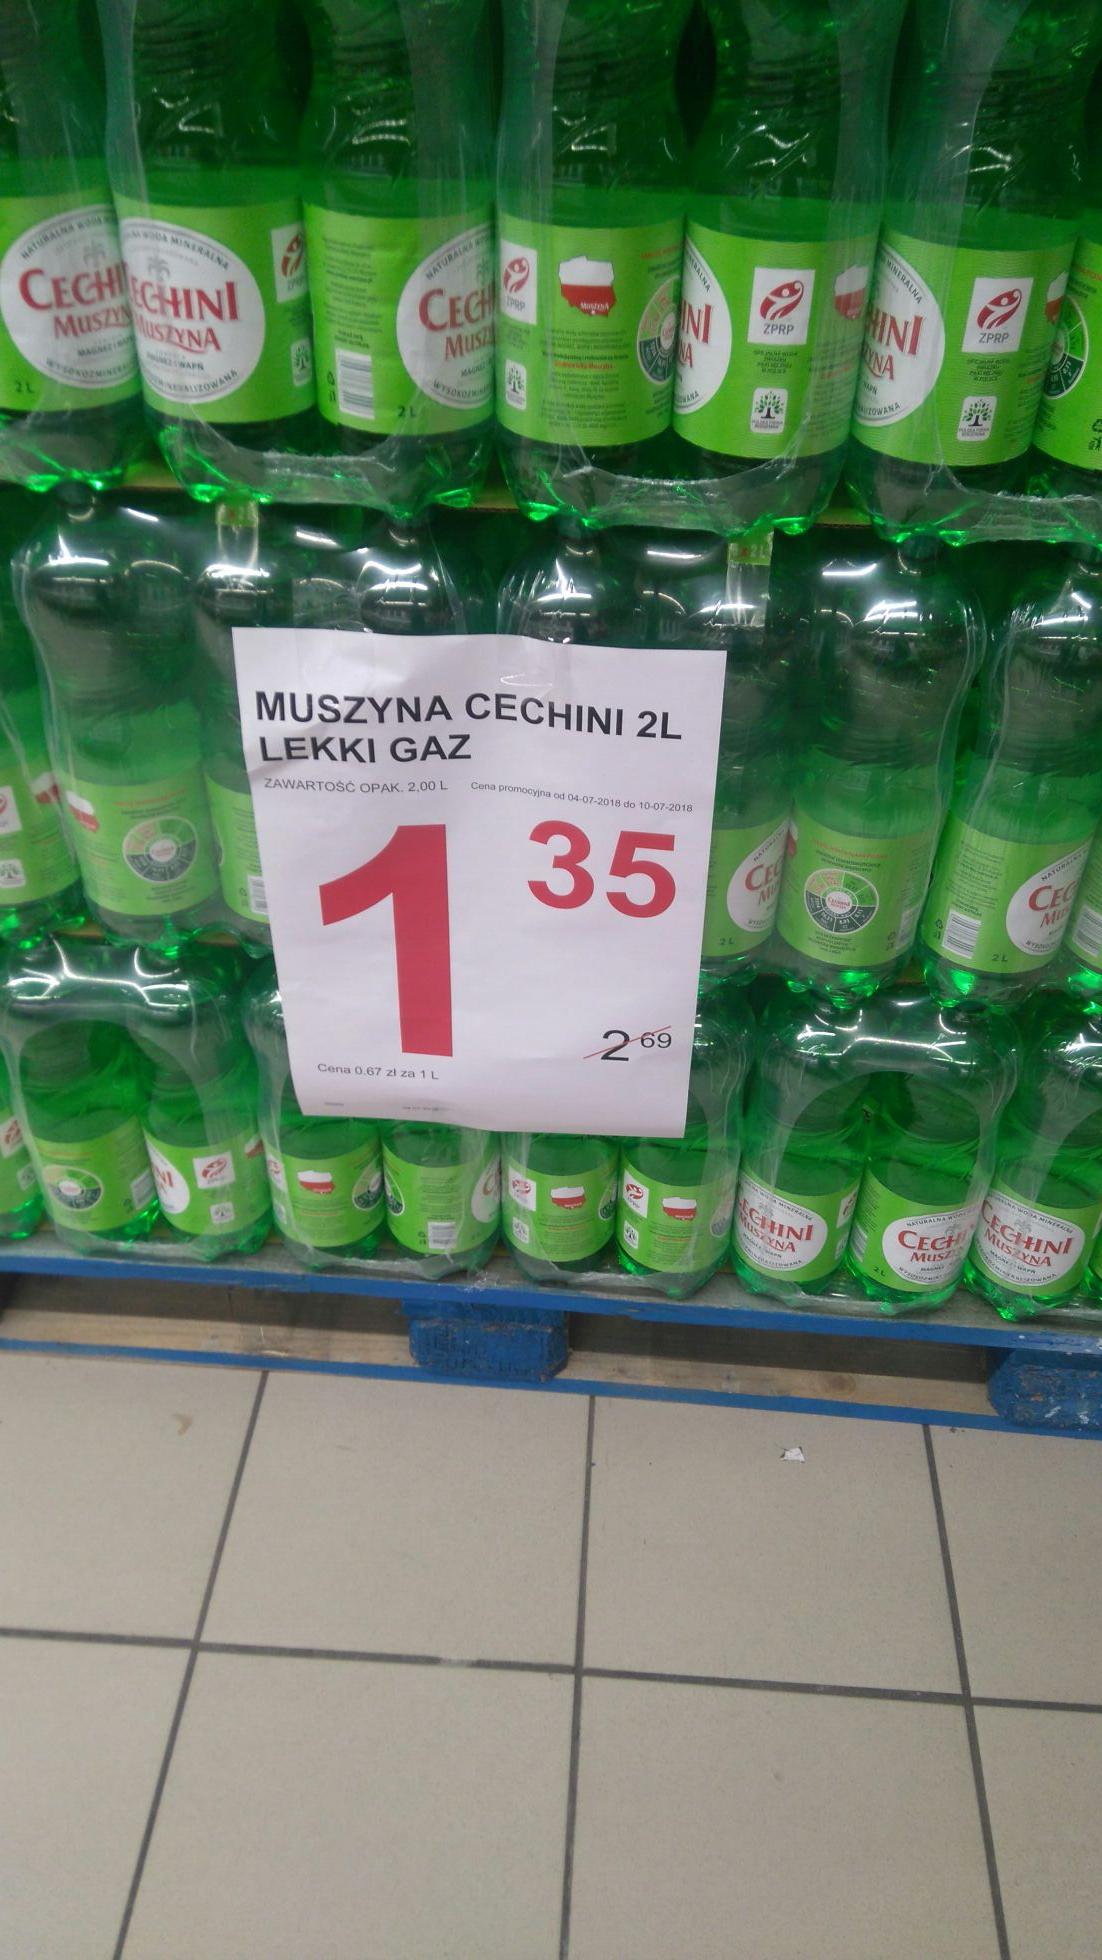 Cechini Muszyna 2l 1.35 zł. DOBRA WODA, ZDROWIA DODA. Simply Market